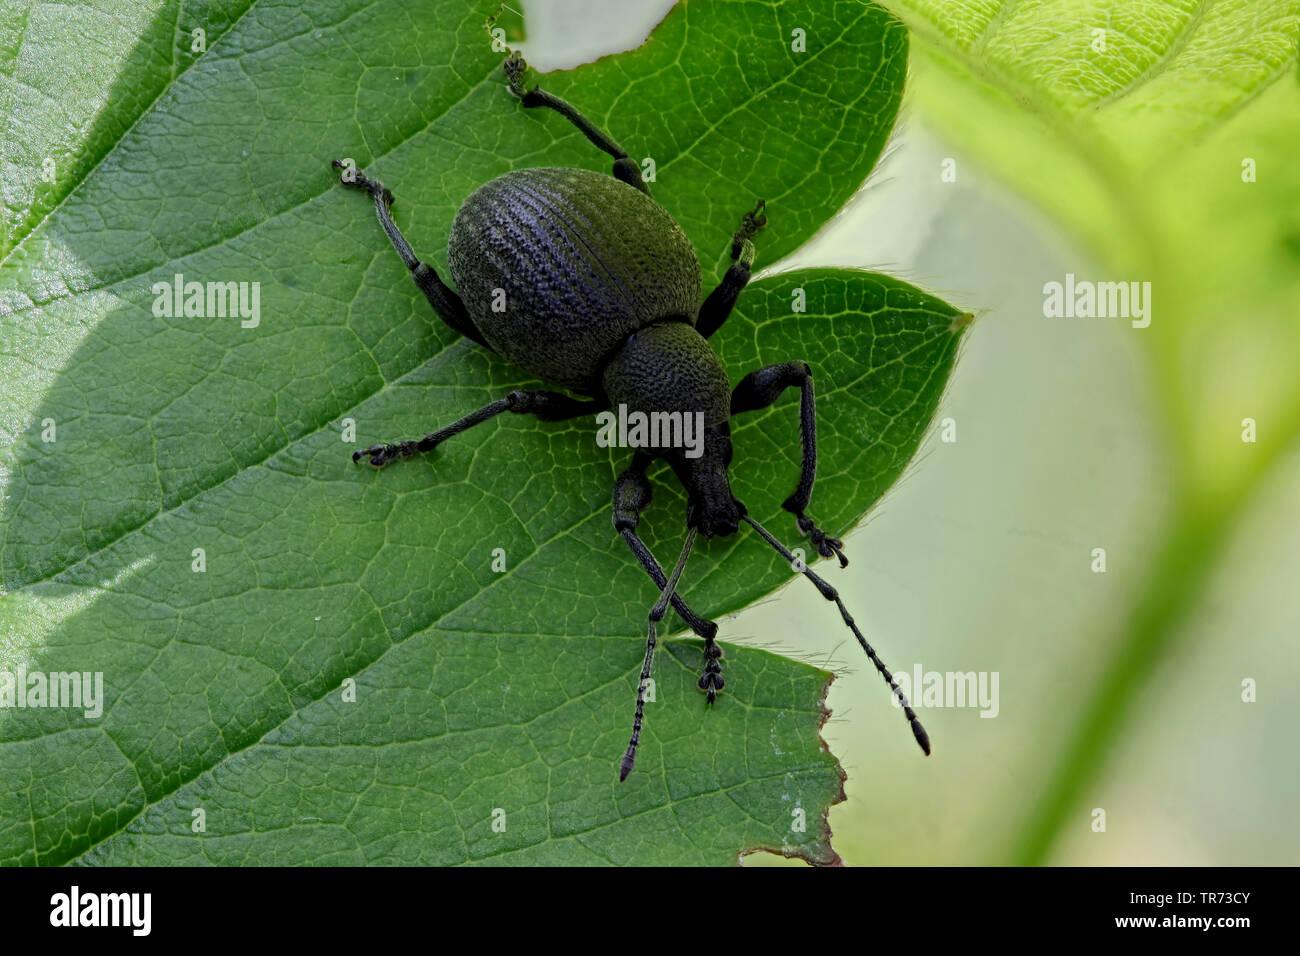 Ruesselkaefer (Curculionidae), sitzt auf einem Blatt, Deutschland | snout beetles, weevils (true weevils) (Curculionidae), sitting on a leaf, Germany - Stock Image